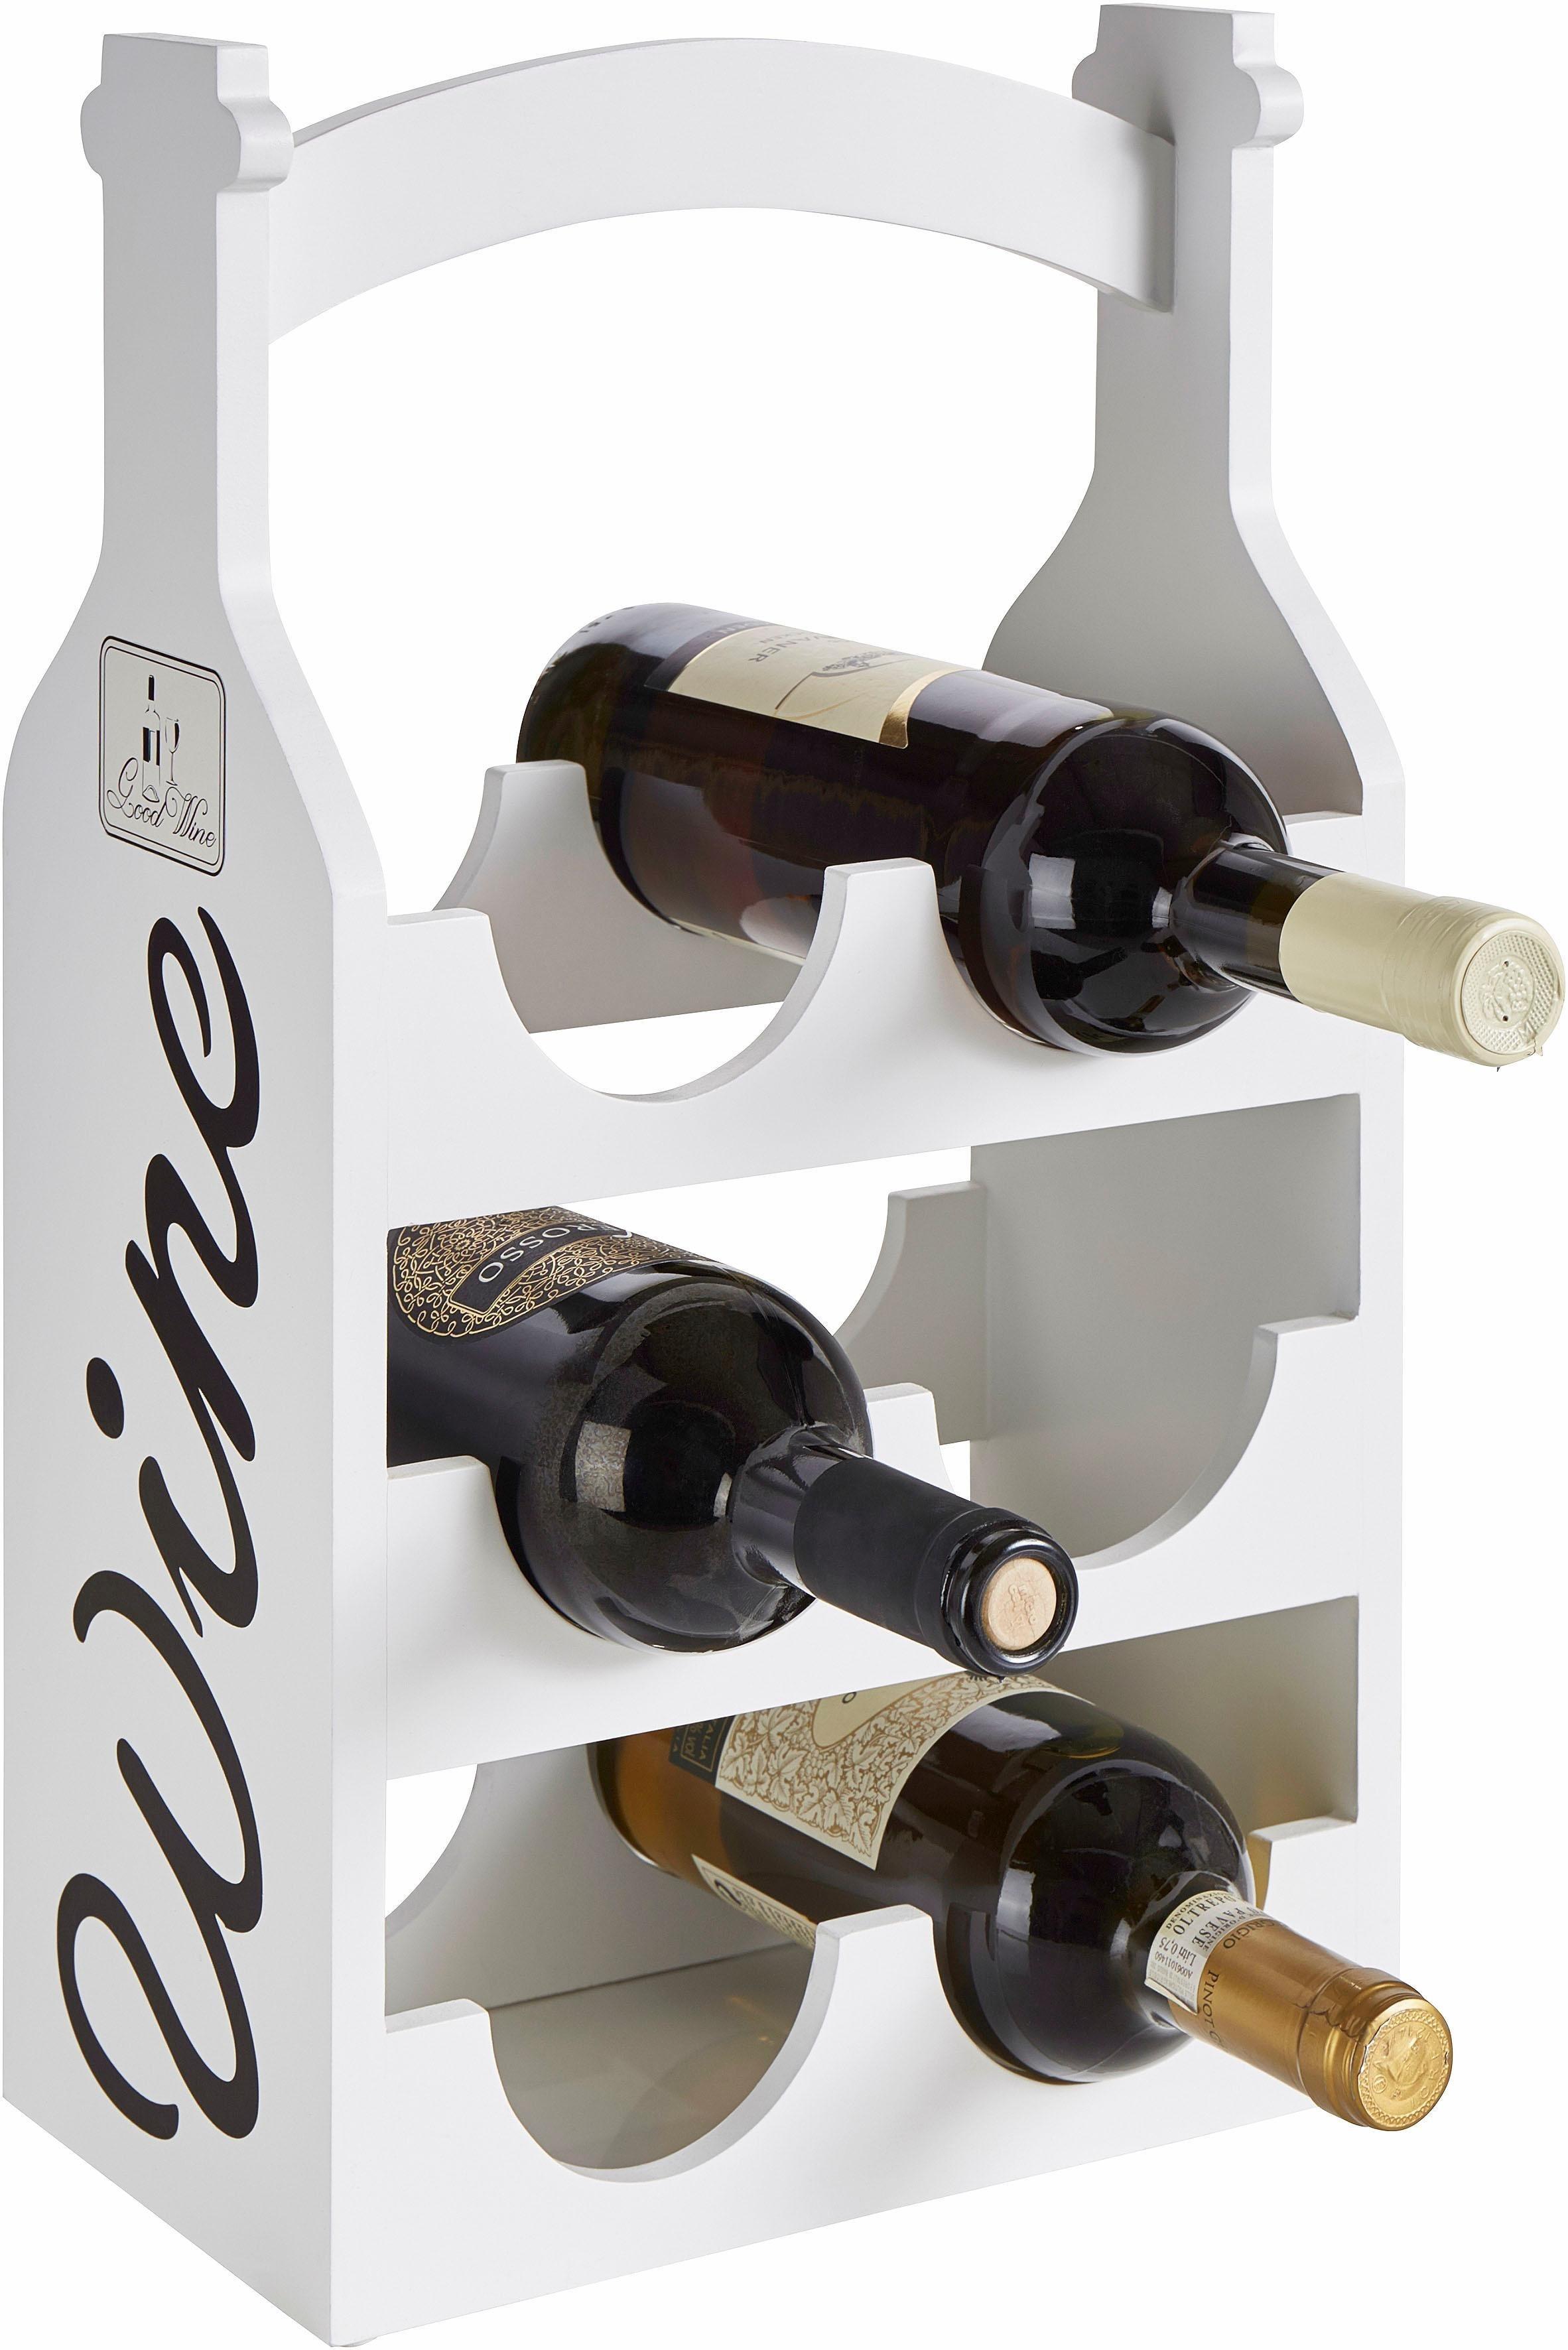 Home affaire Weinregal für 6 Flaschen   Küche und Esszimmer > Küchenregale > Weinregale   Cremeweiß - Print   Home affaire